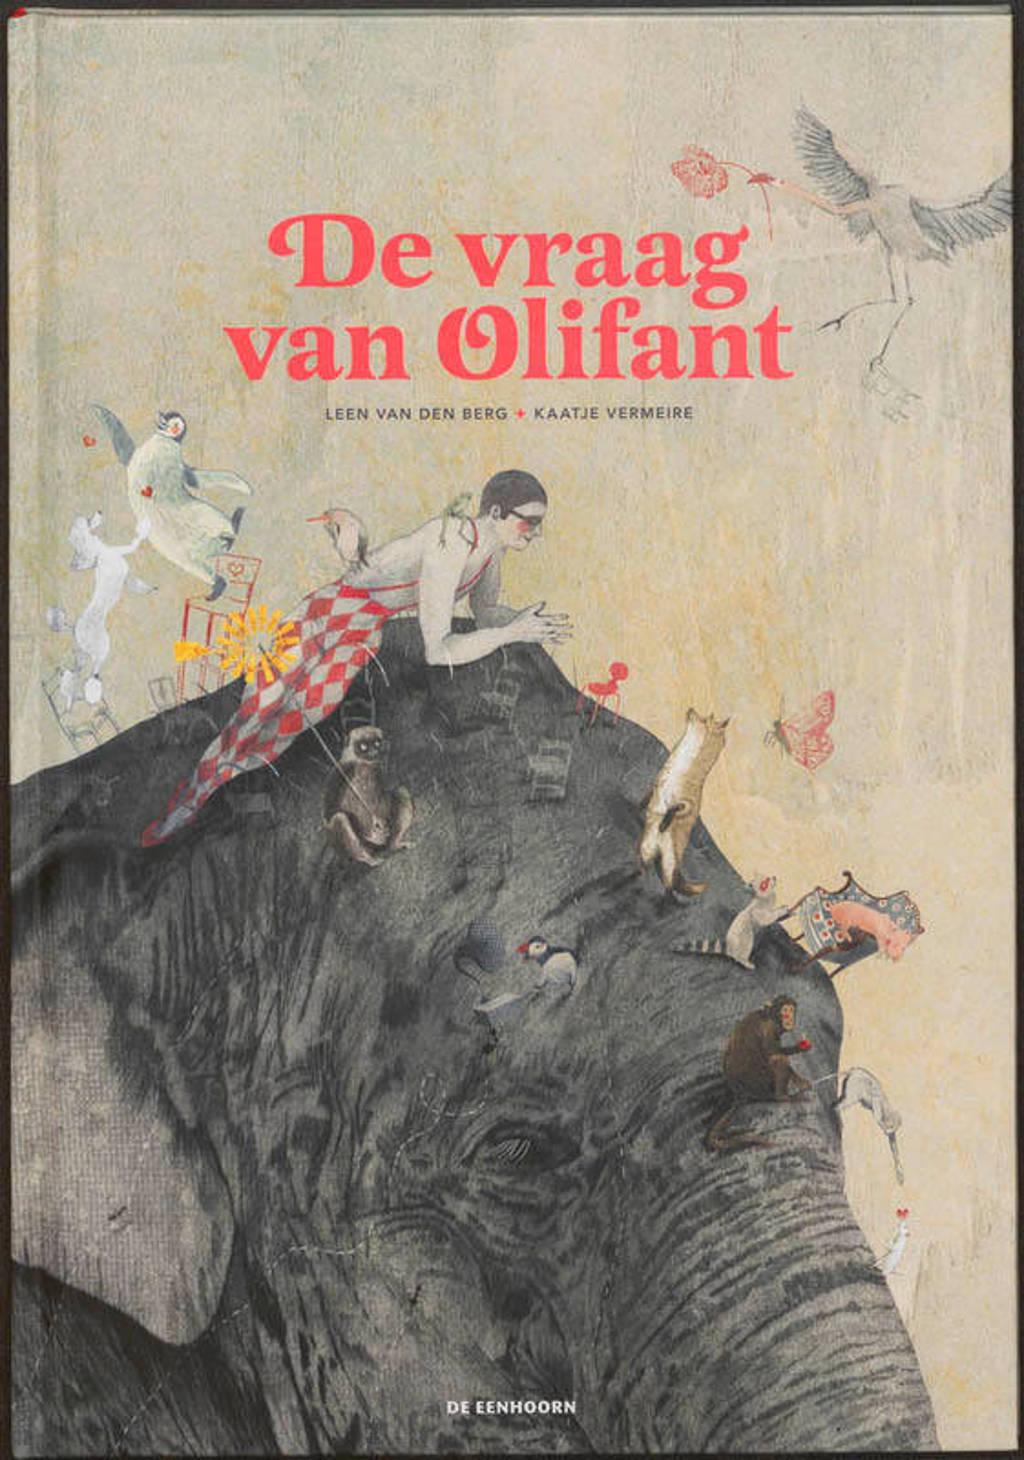 De vraag van olifant - Leen van den Berg